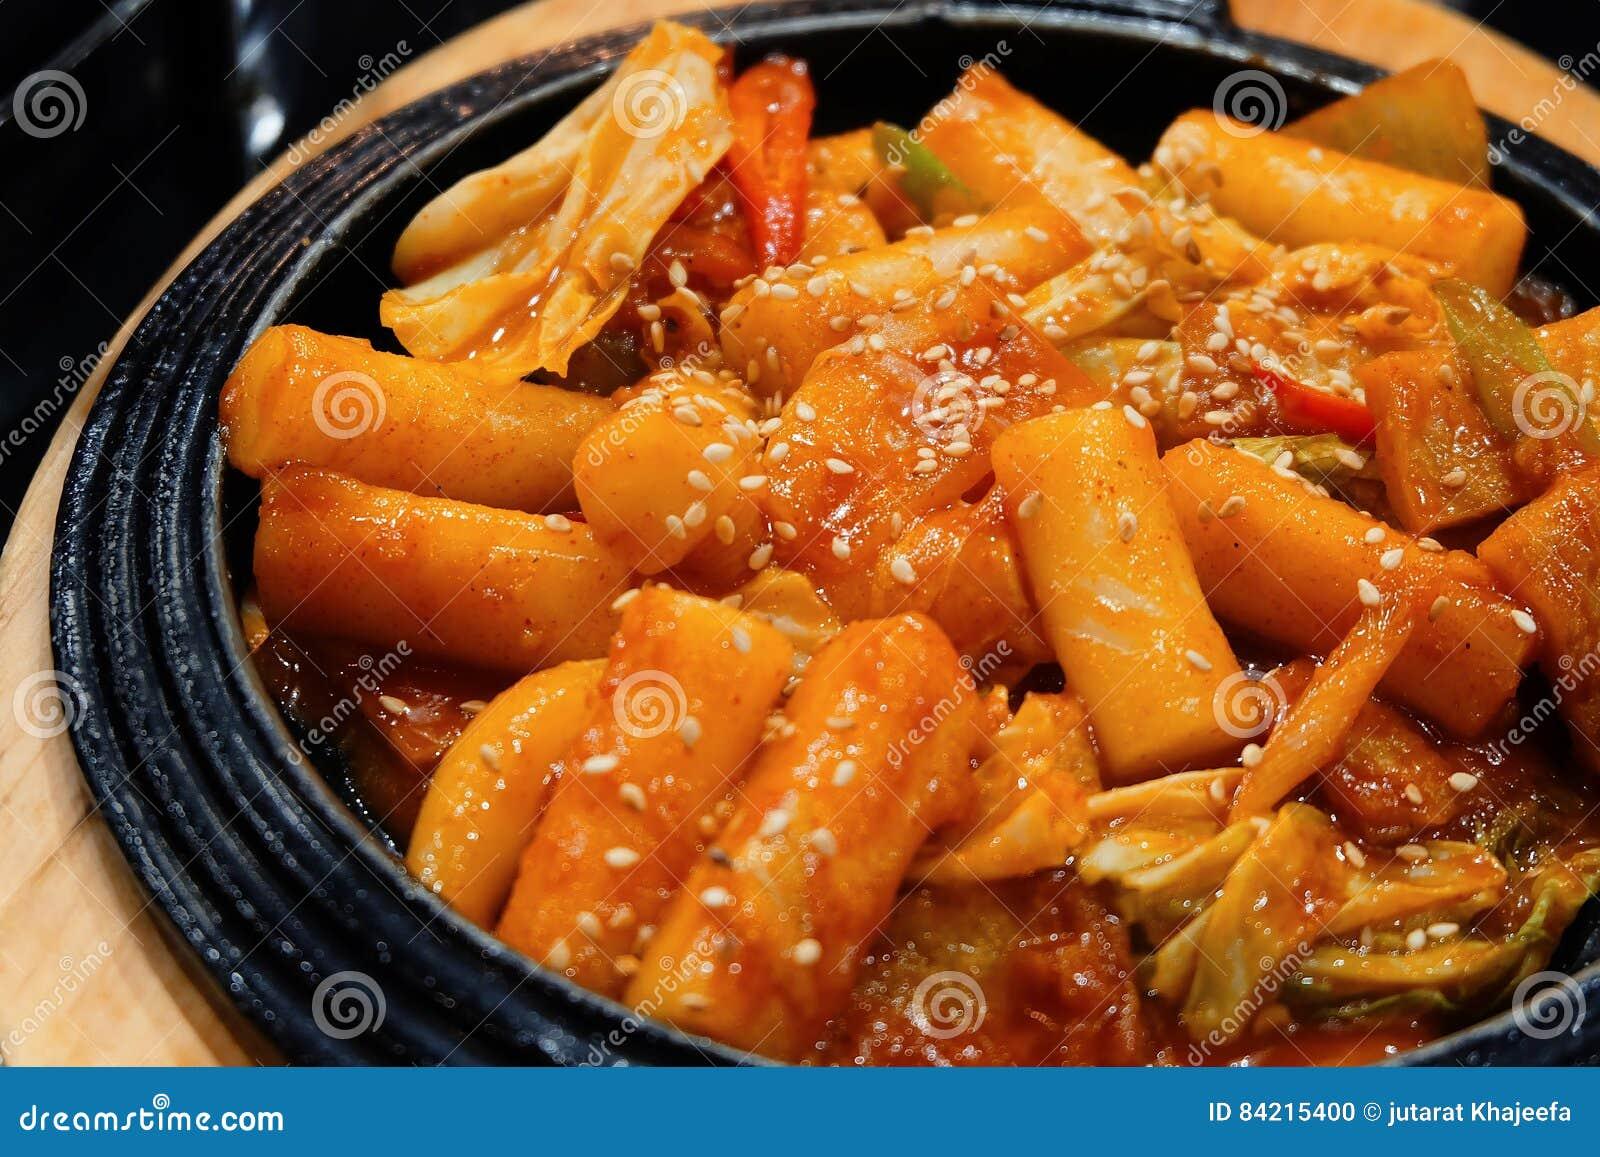 Tukbokki韩国热和辣米糕